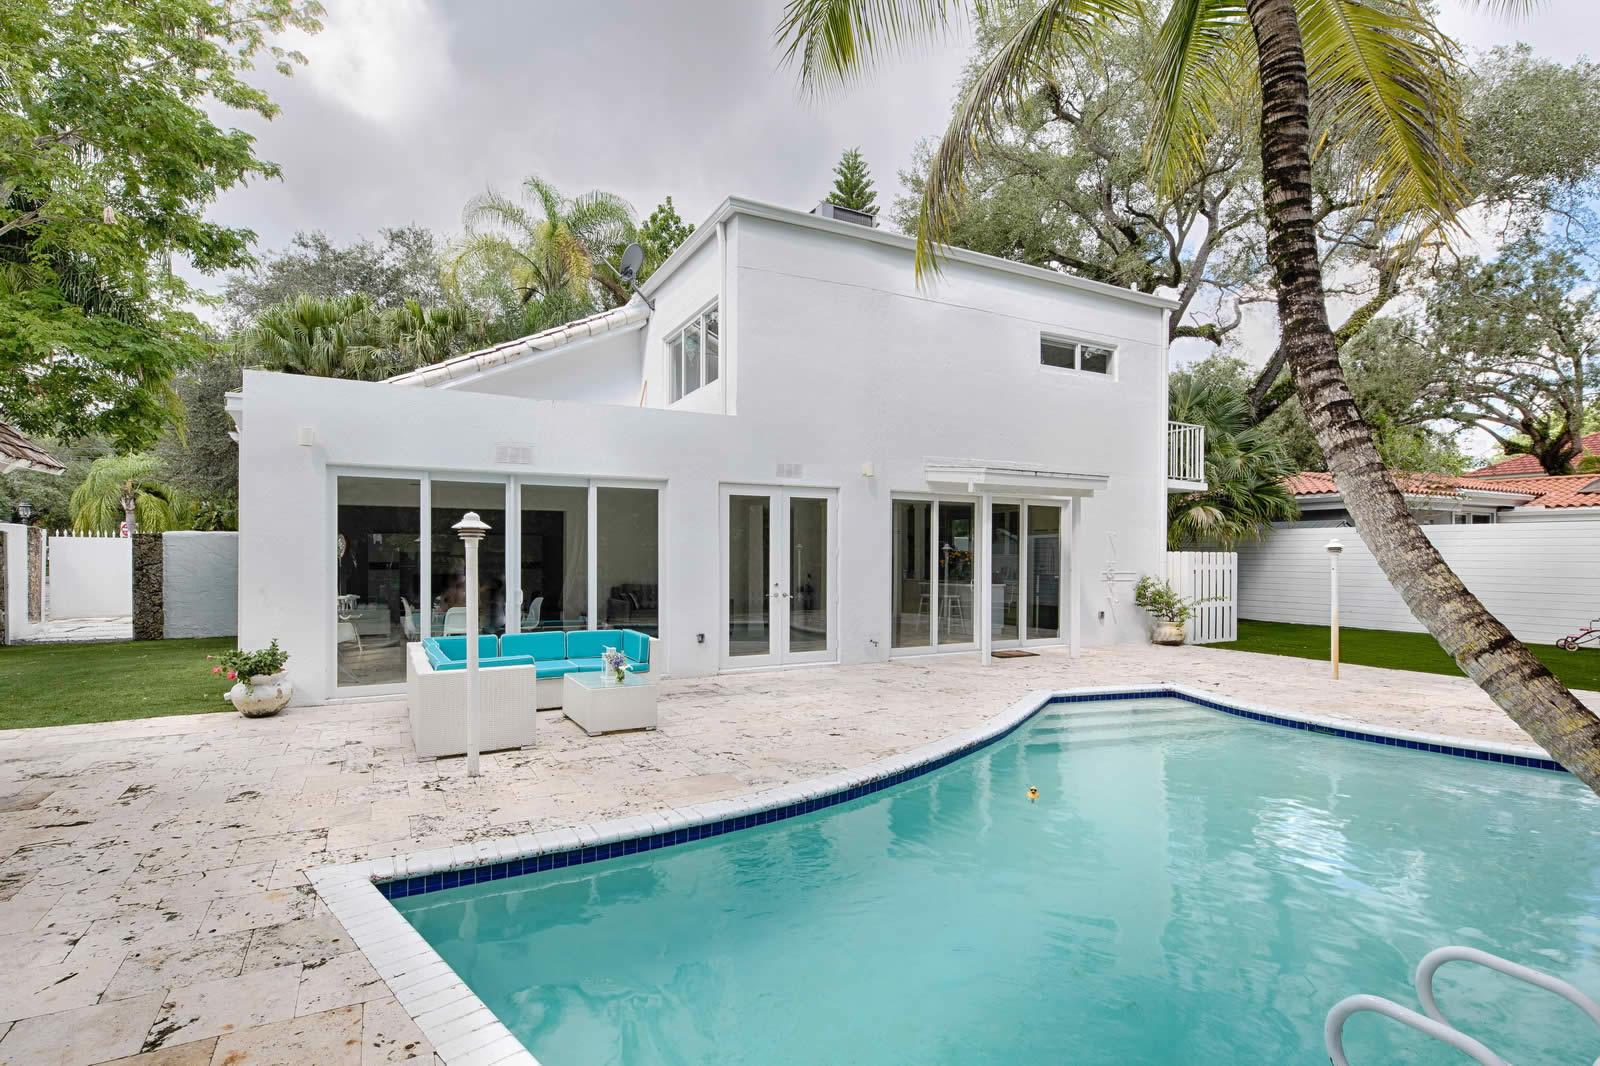 Maison moderne r nov e et tr s lumineuse avec piscine et for Maison moderne jardin